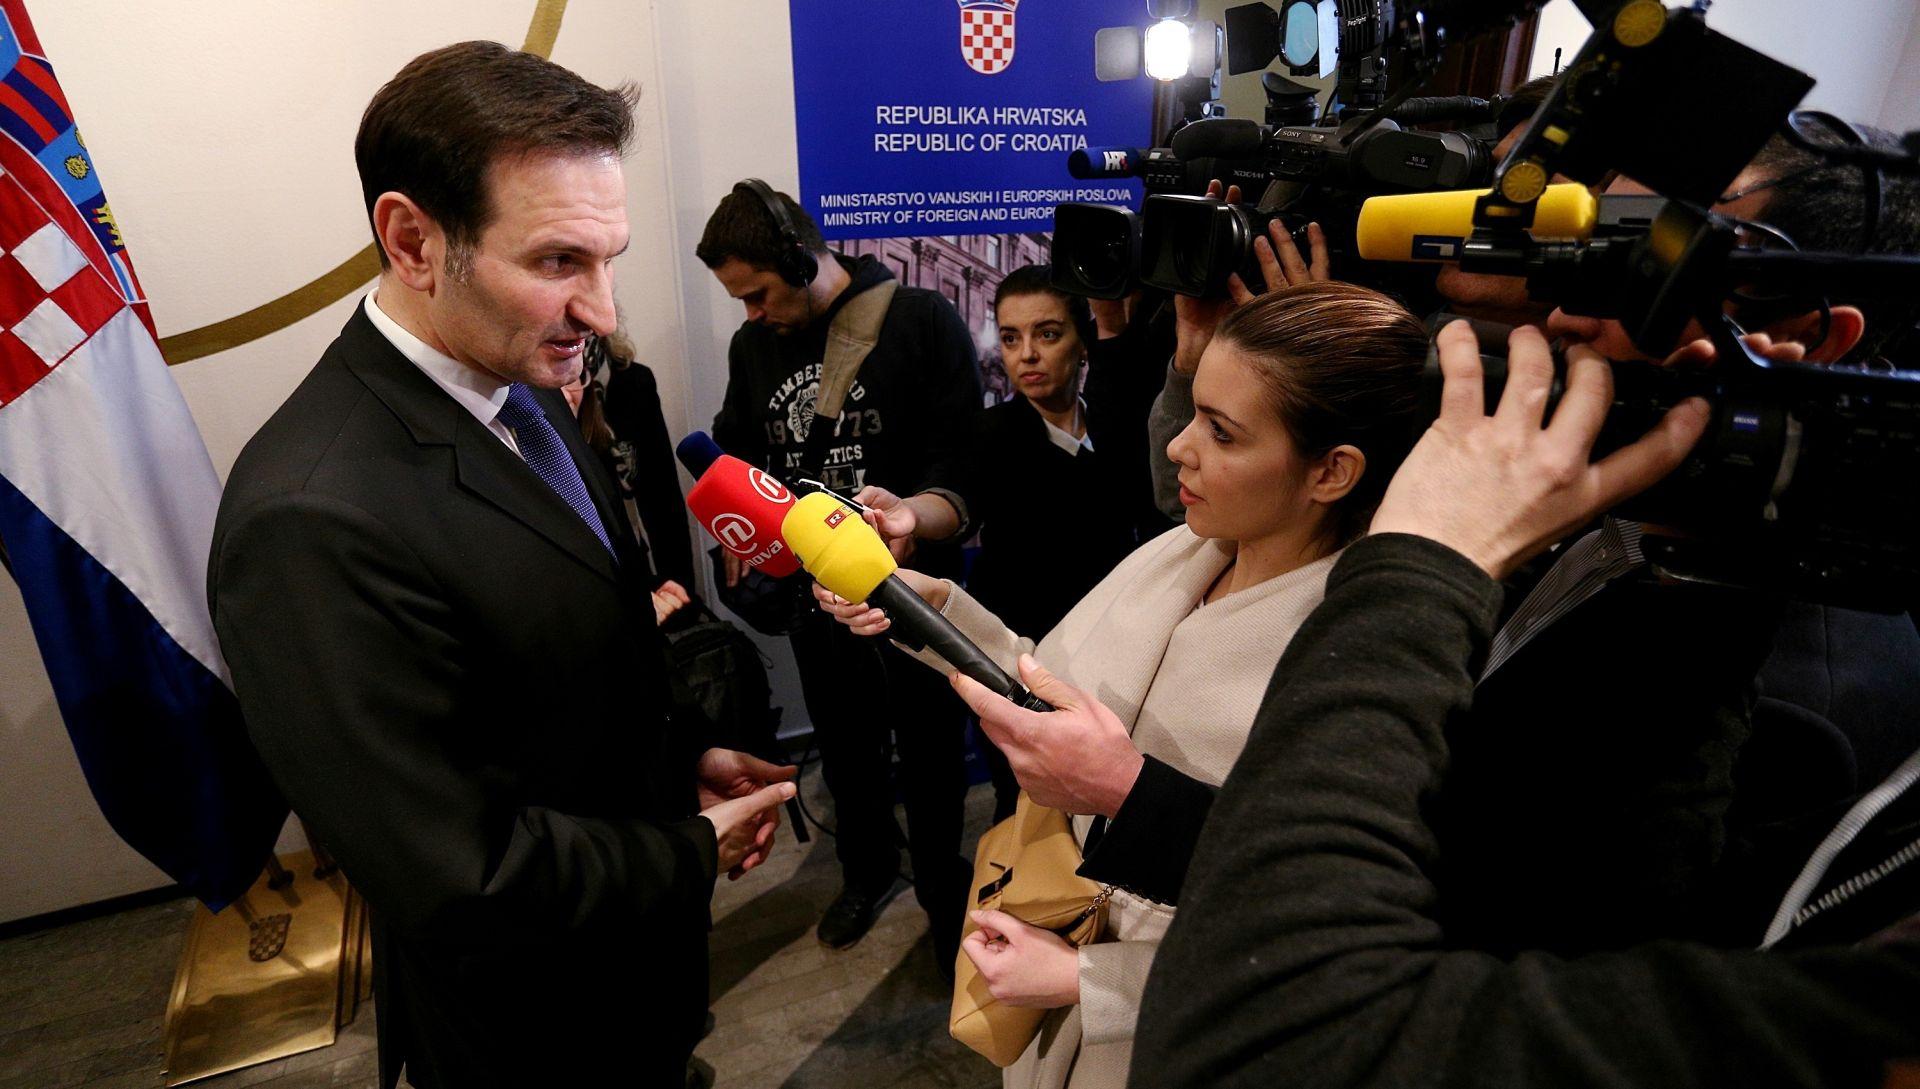 Kovač vjeruje u rješenje hrvatsko-slovenske granice u duhu prijateljstva i međunarodnog prava